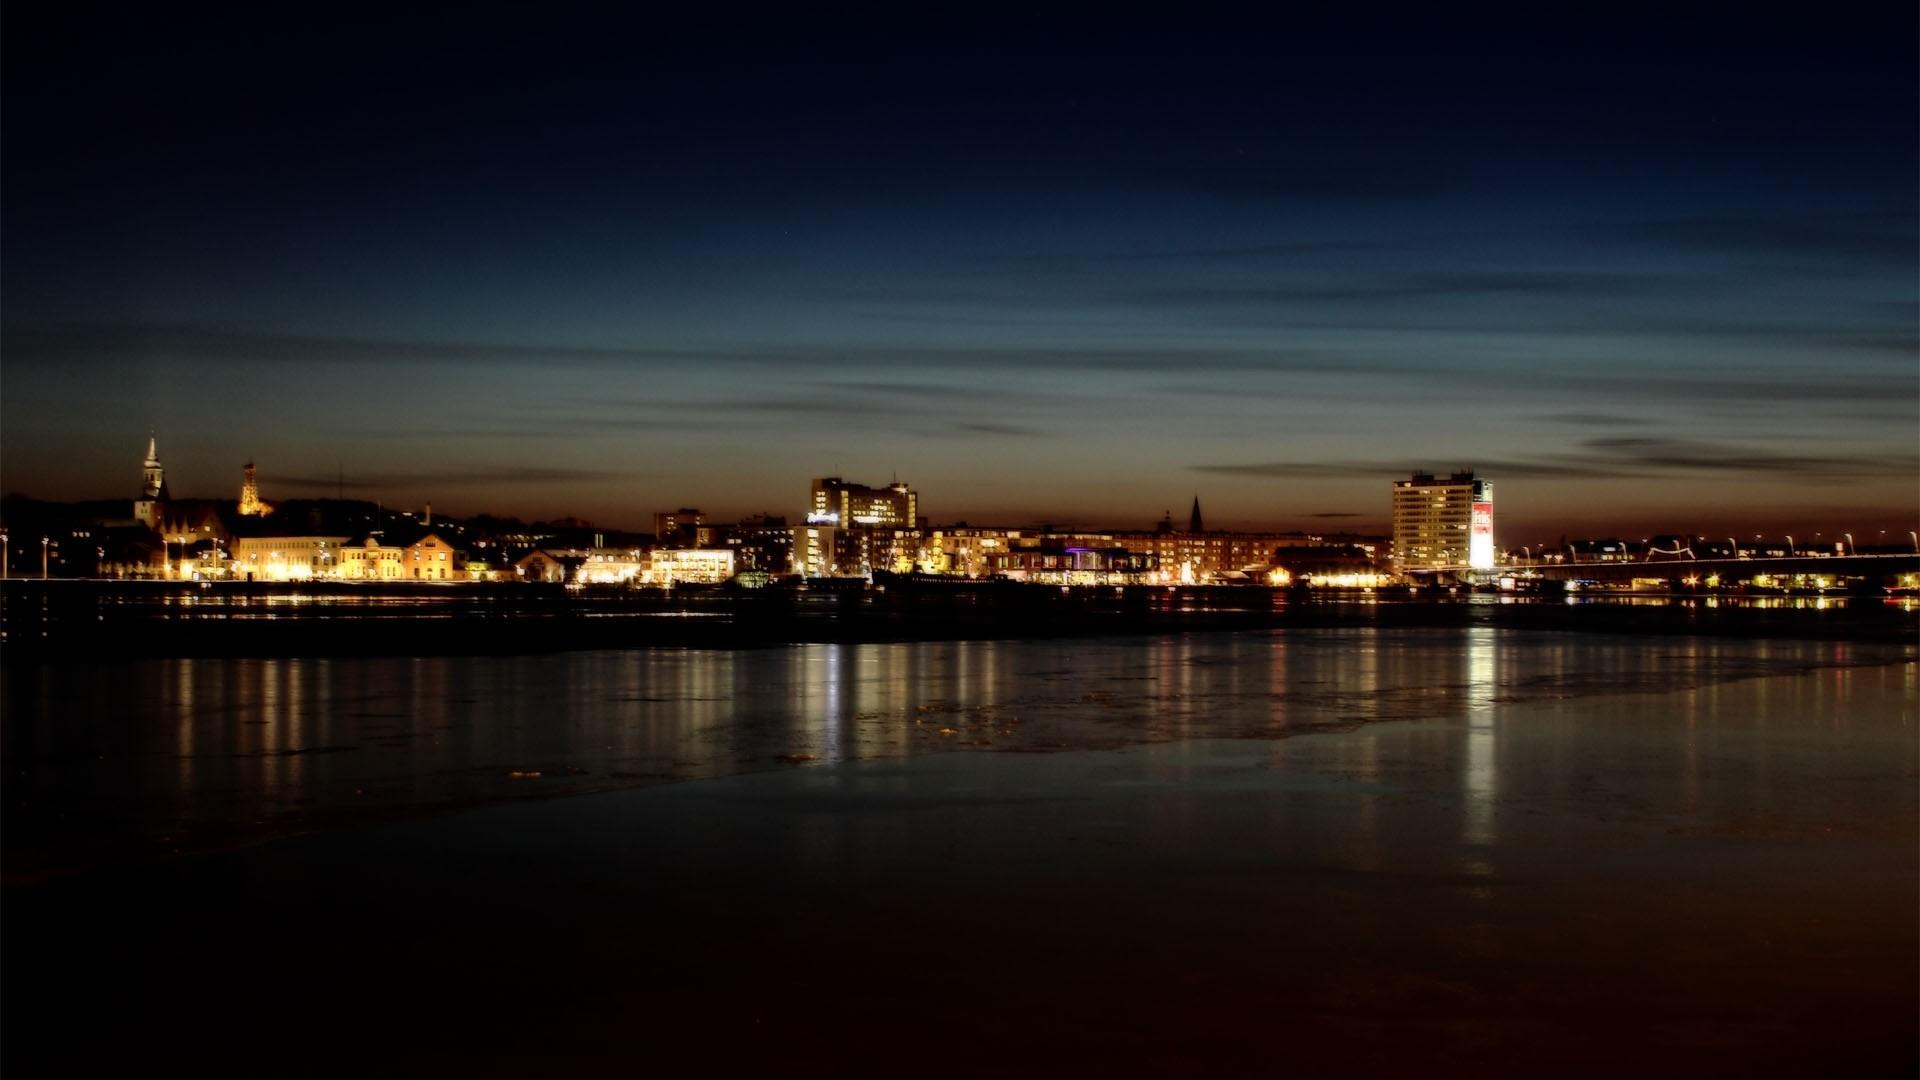 Wallpaper light, night, city, river, shore